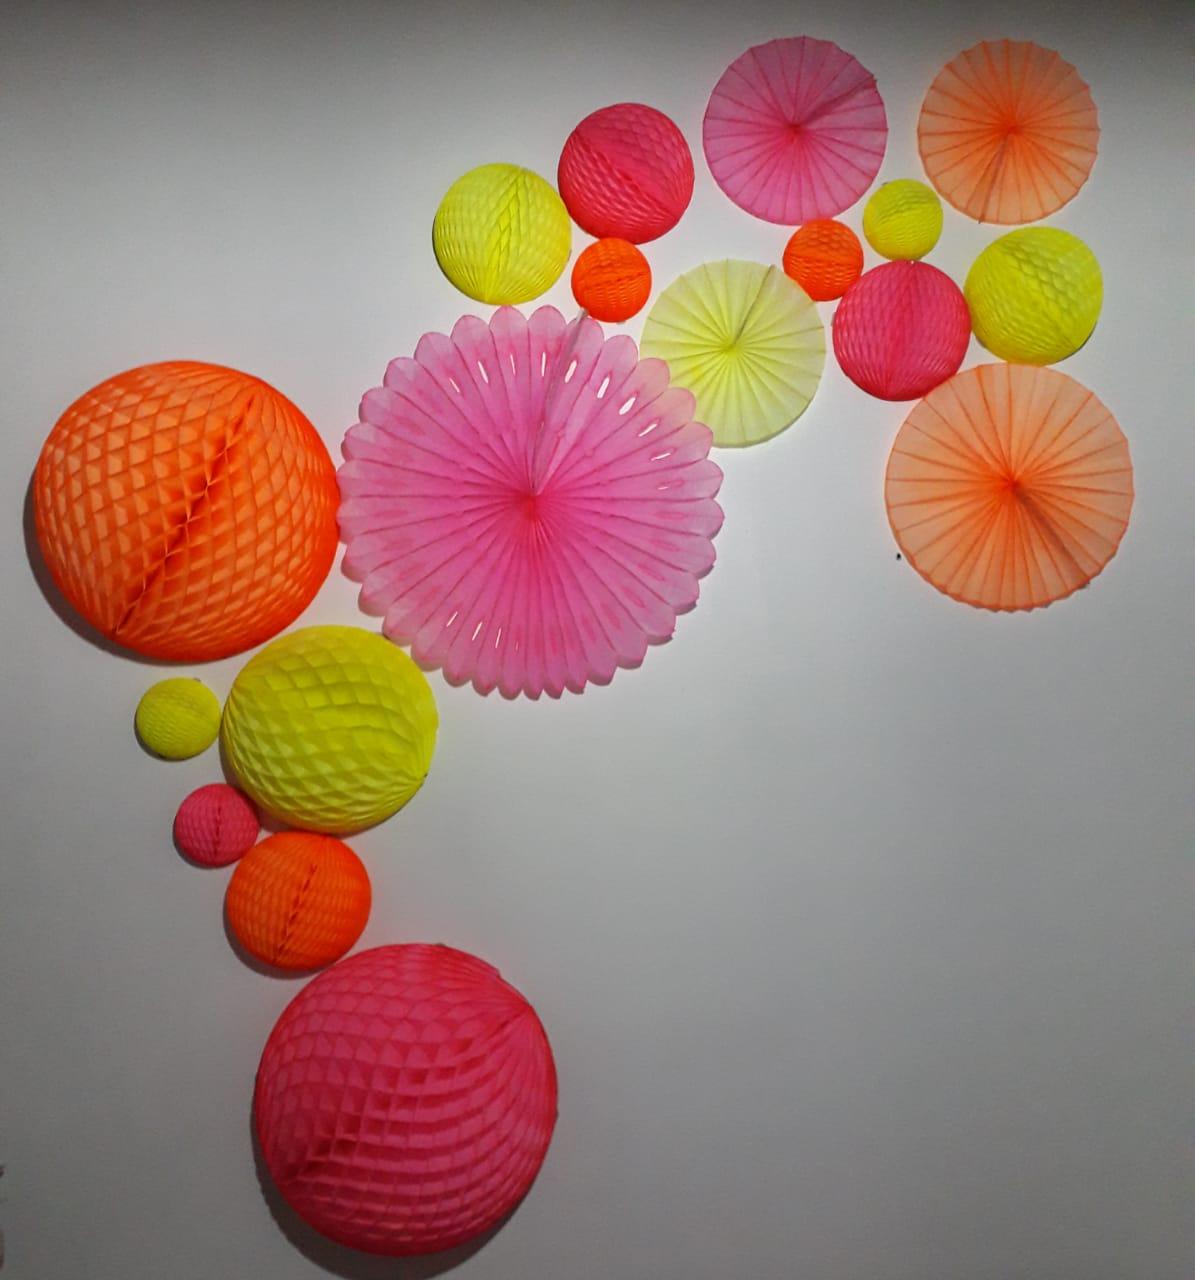 Balão GLOBO Bola de Papel de seda Cor ROSA Fluorescente (brilha na luz negra) GiroToy Enfeites